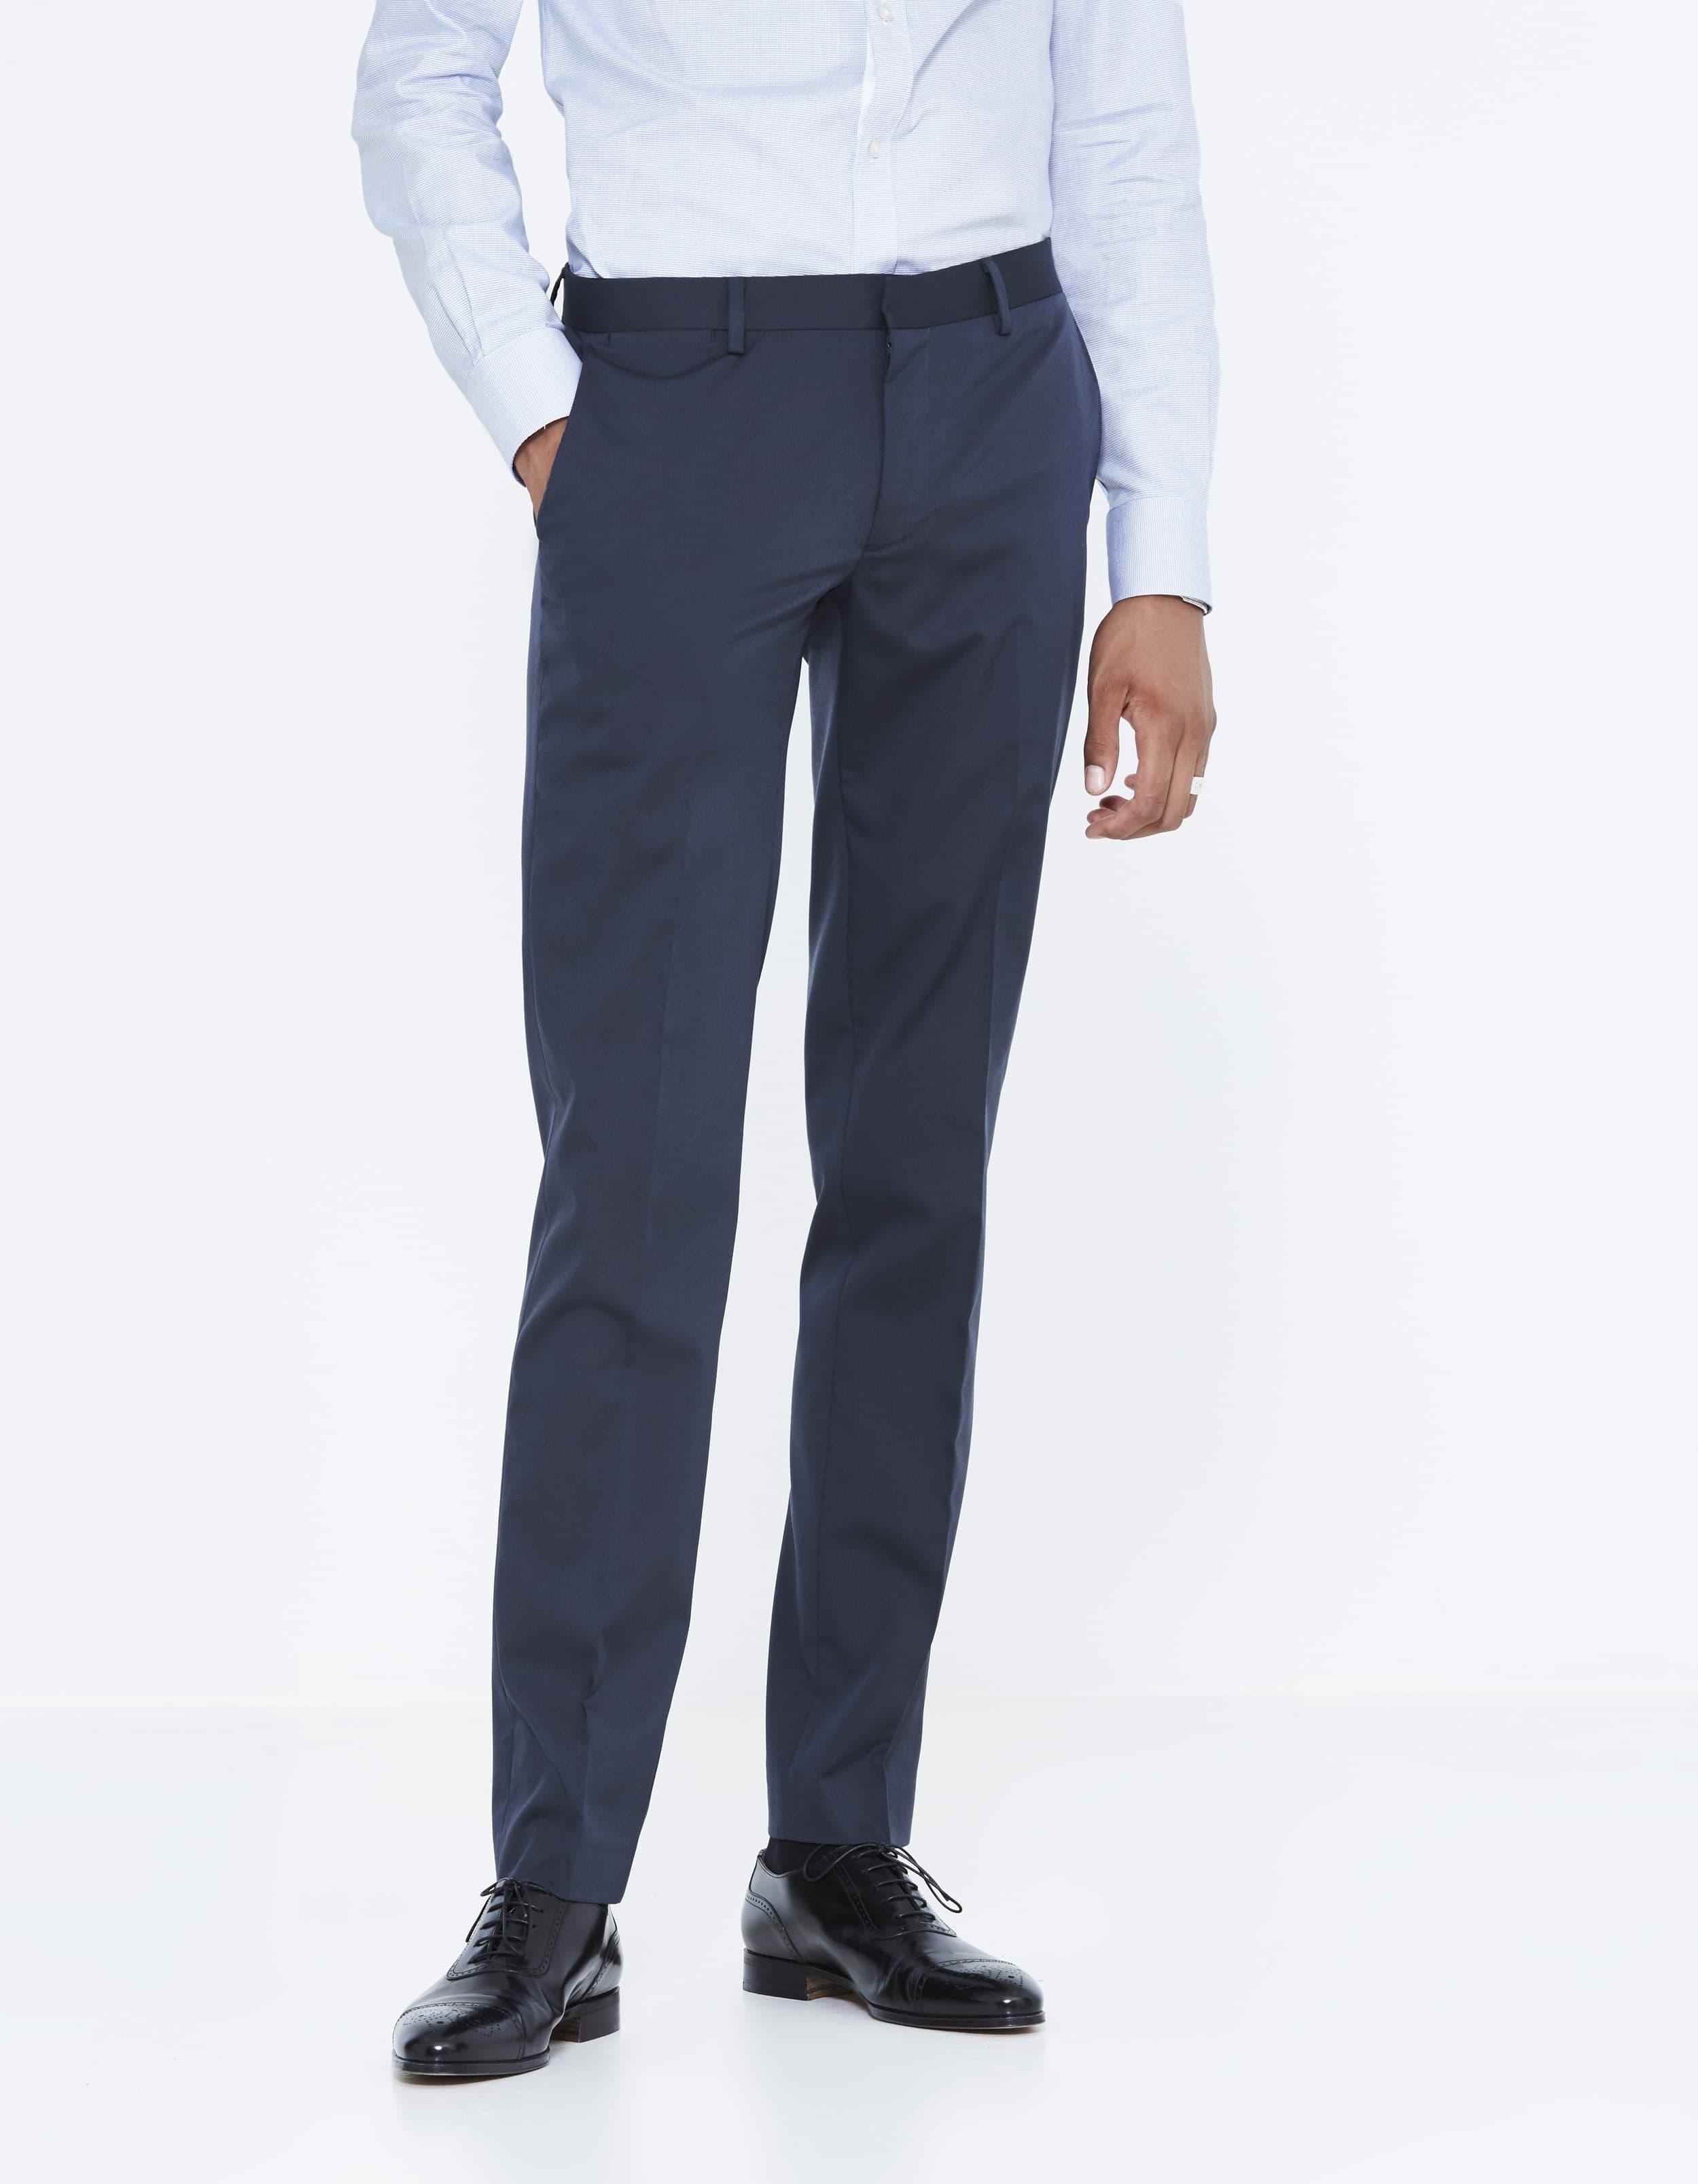 Pantalon Skinny extra slim – marine Celio Club Prix 59,99 €